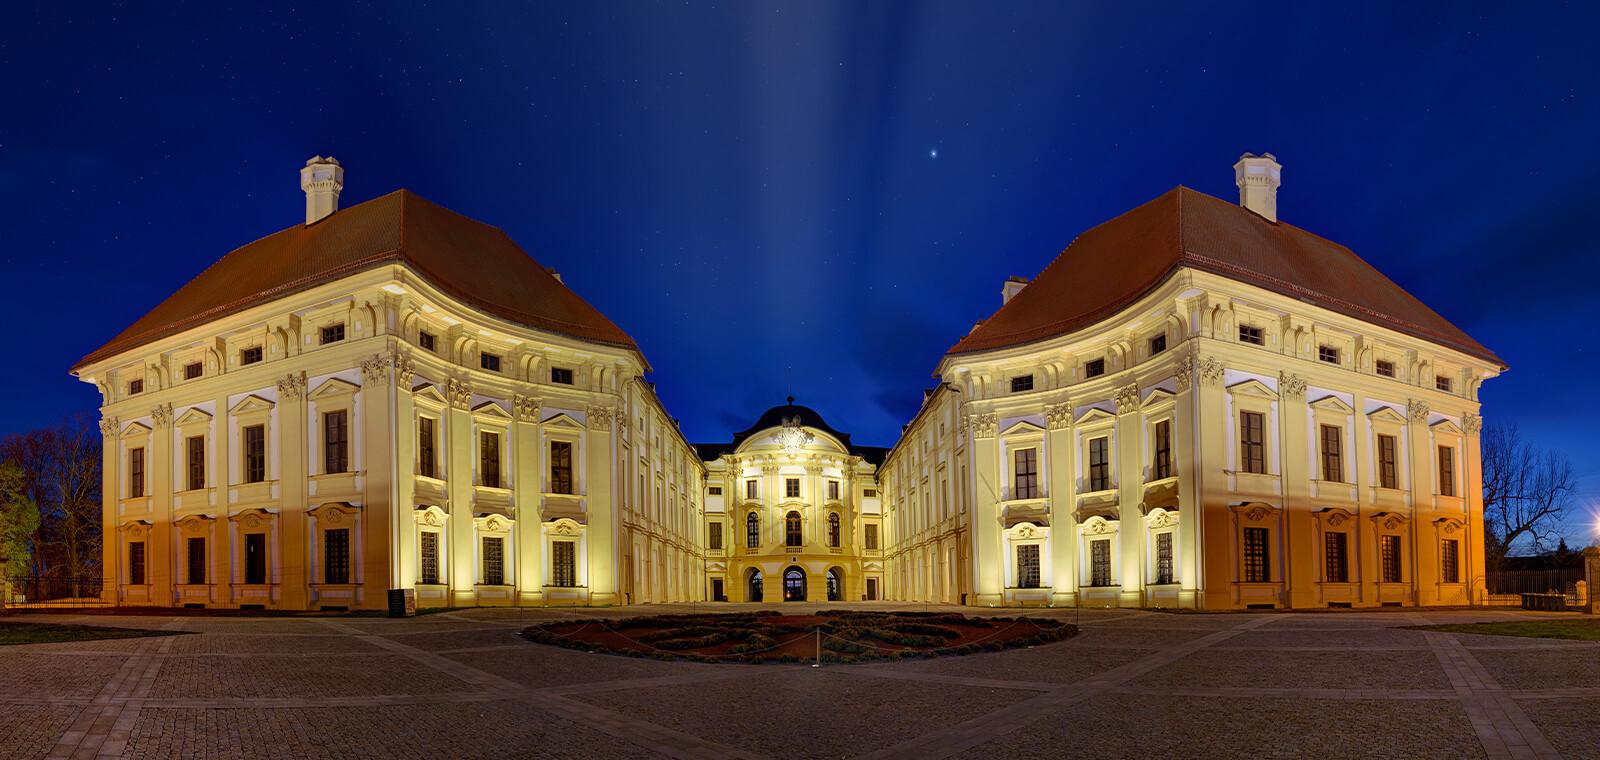 zamek-austerlitz-slavkov-uvodni.jpg